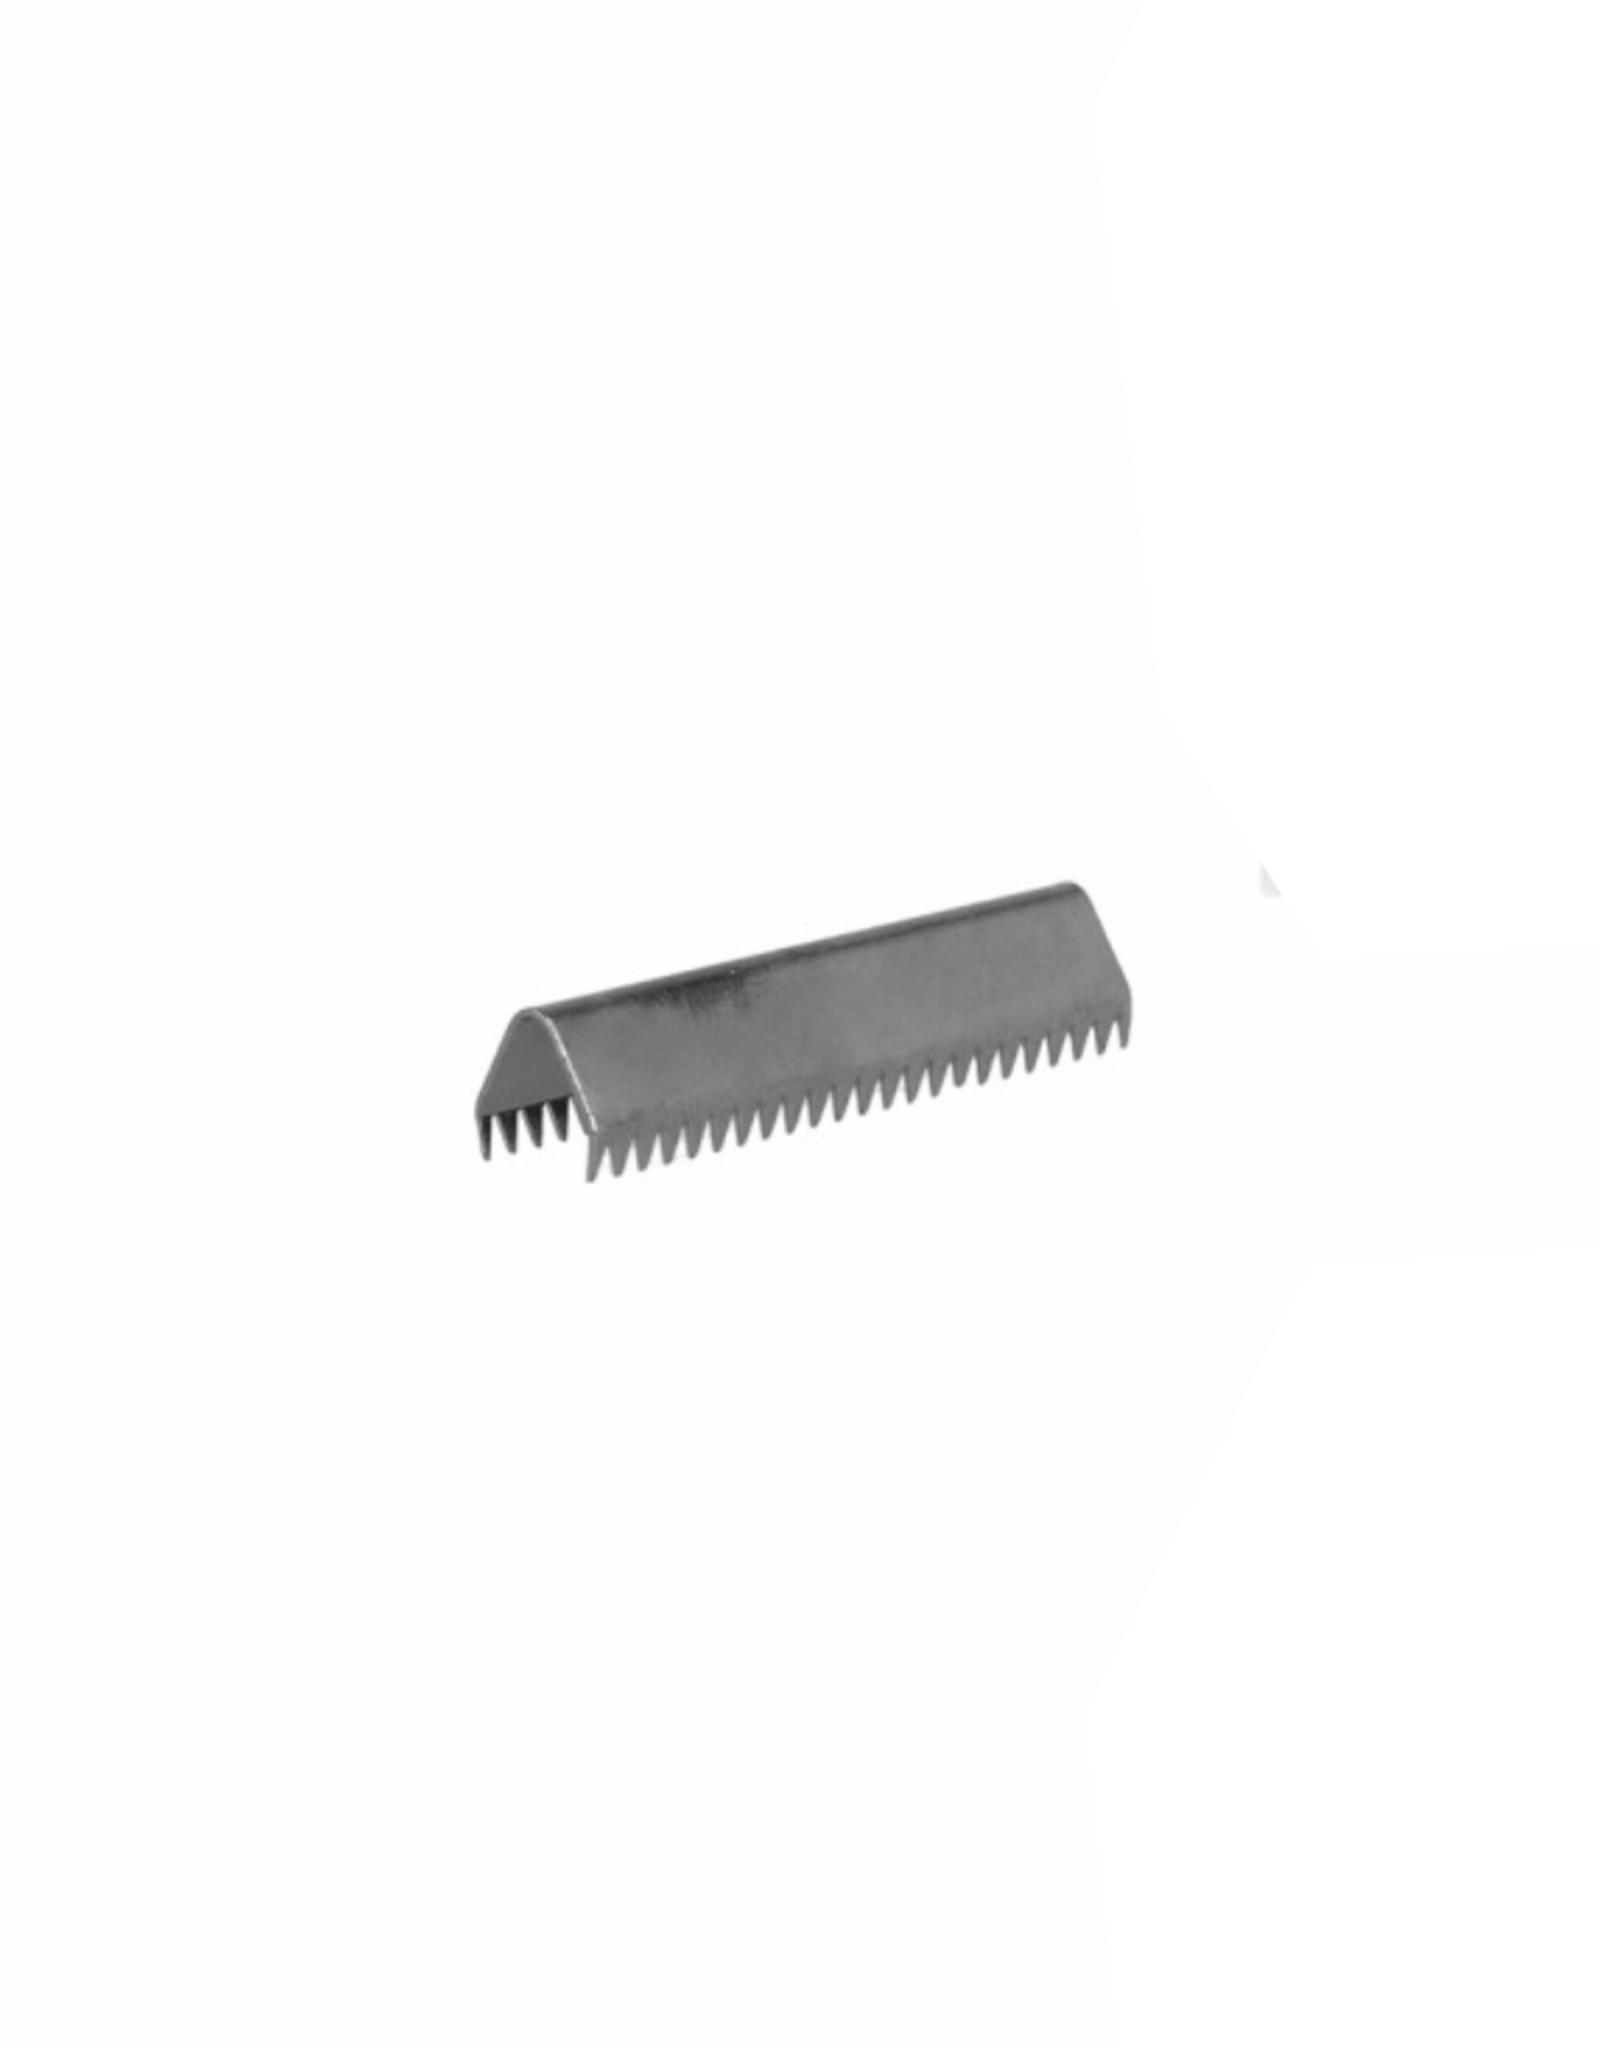 Eindje voor tassenband - 30mm - Gunmetal